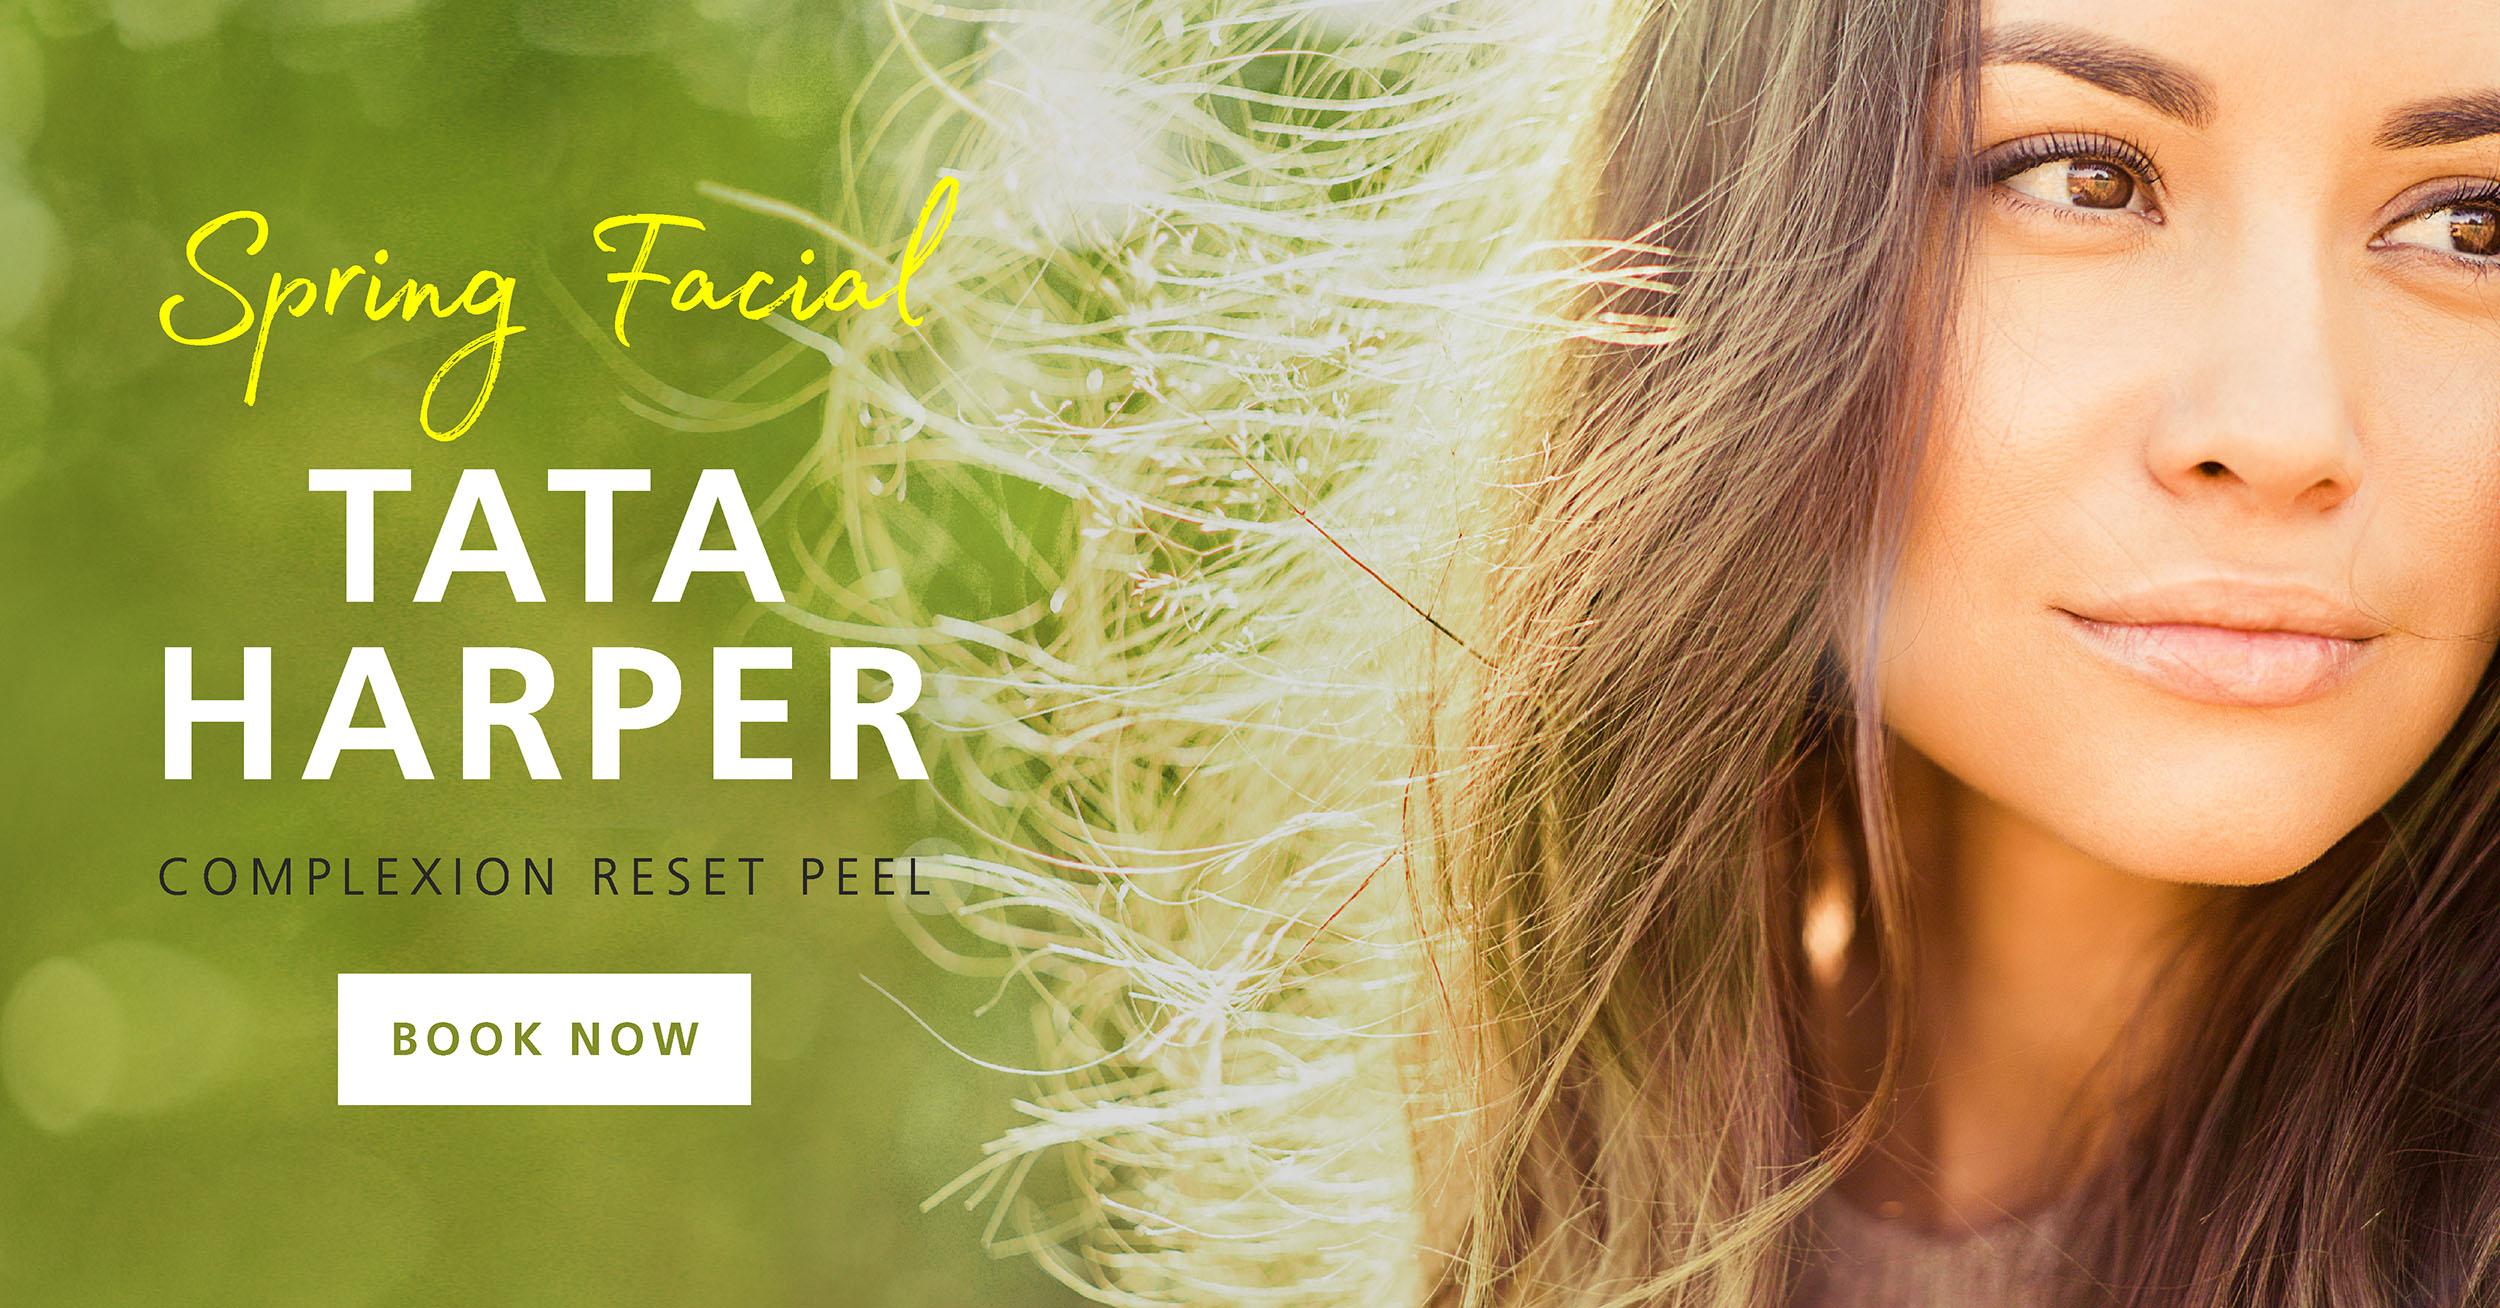 Tata Harper Complexion Reset Peel